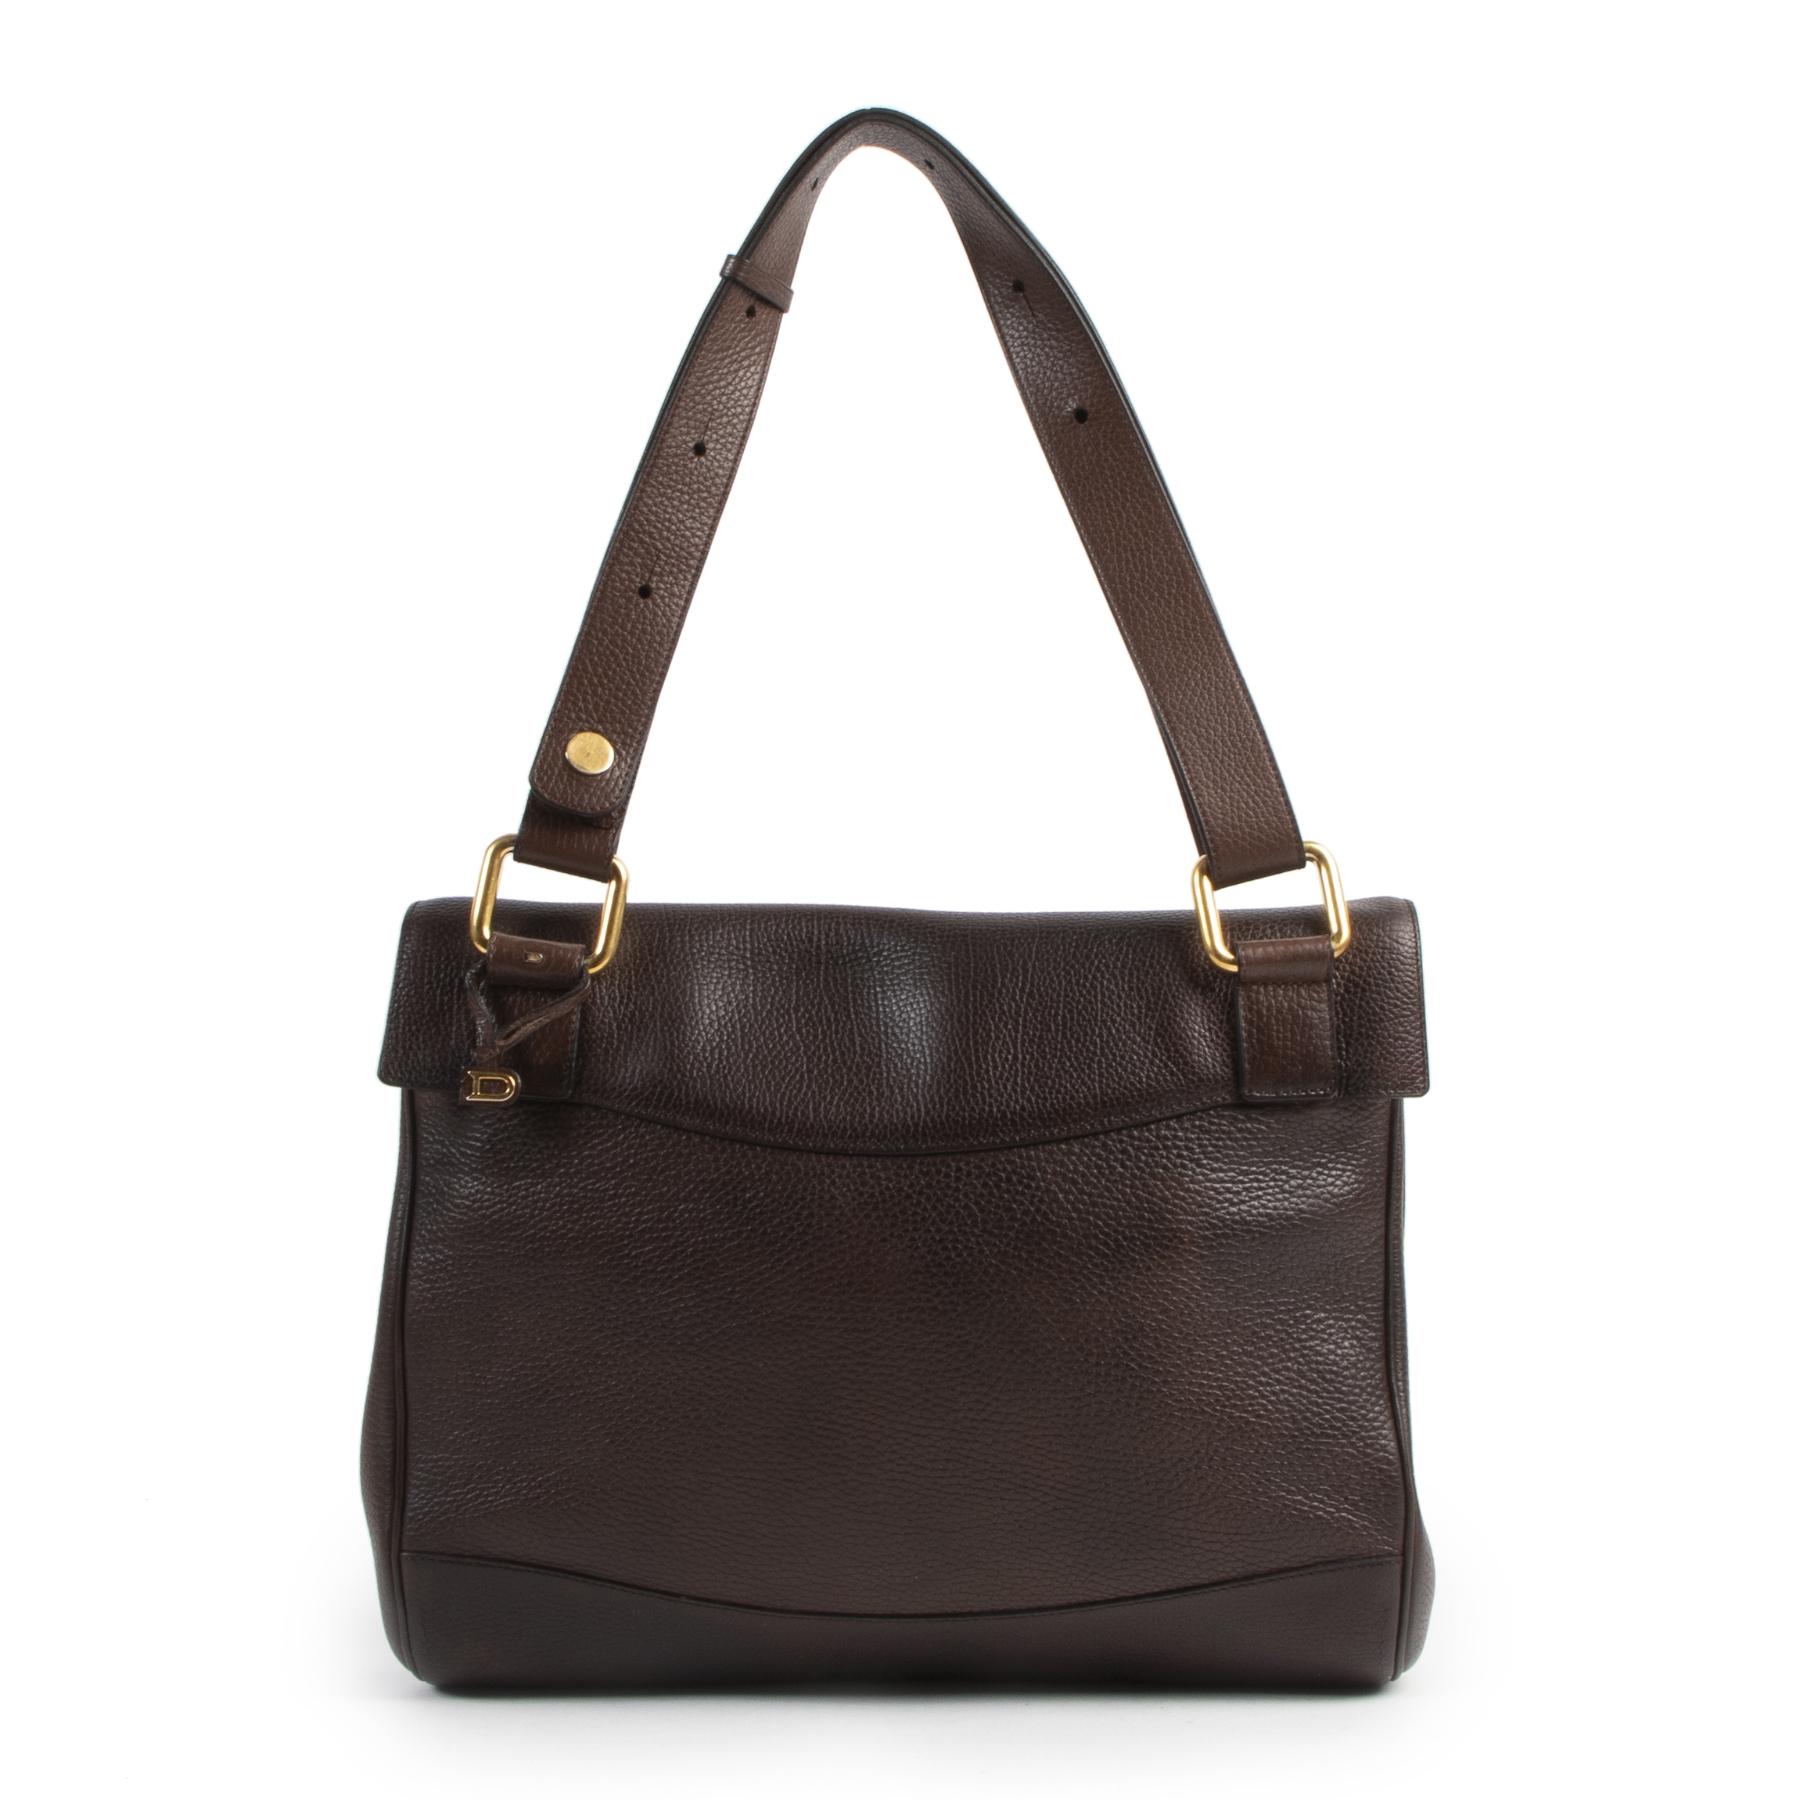 Authentieke Tweedehands Delvaux Brown Leather Shoulder Bag juiste prijs veilig online shoppen luxe merken webshop winkelen Antwerpen België mode fashion